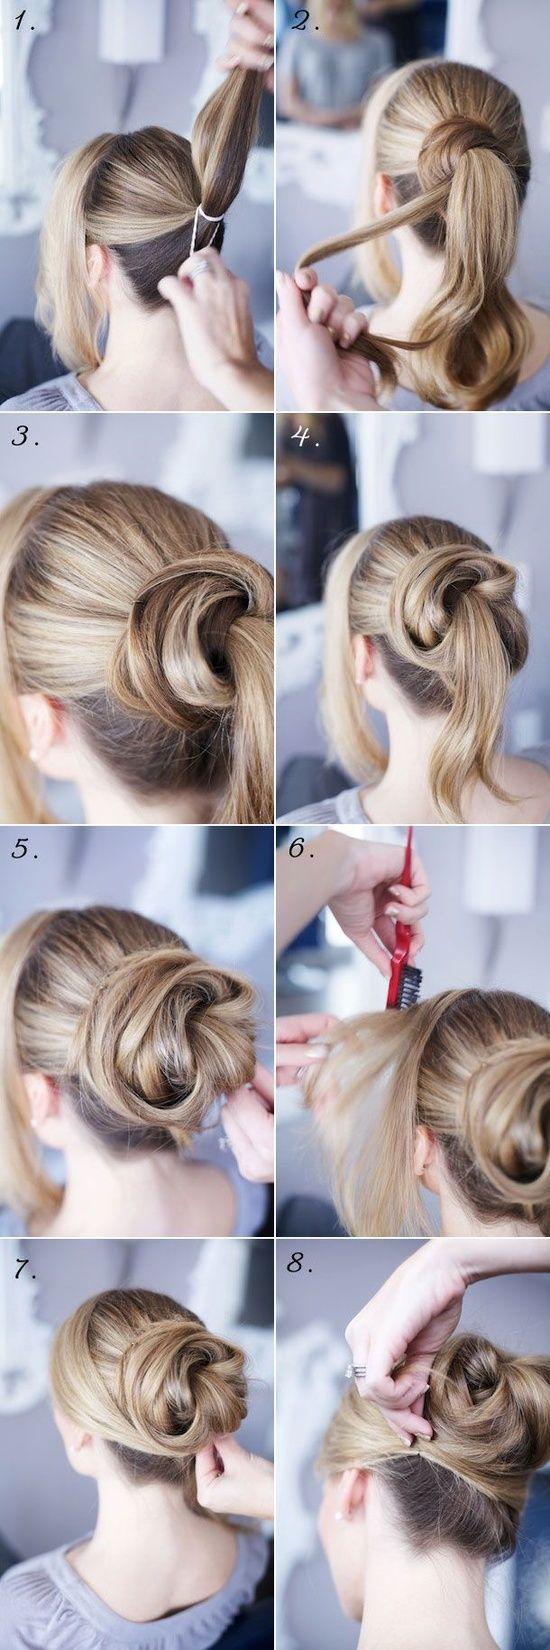 Diy Frisur Diy Haar Tutorial DIY Haar Hochsteckfrisur DIY Frisur einfache mittlere Haare #diy Mode #handgefertigt #do it yourself   dekorierte Kekse3 ...